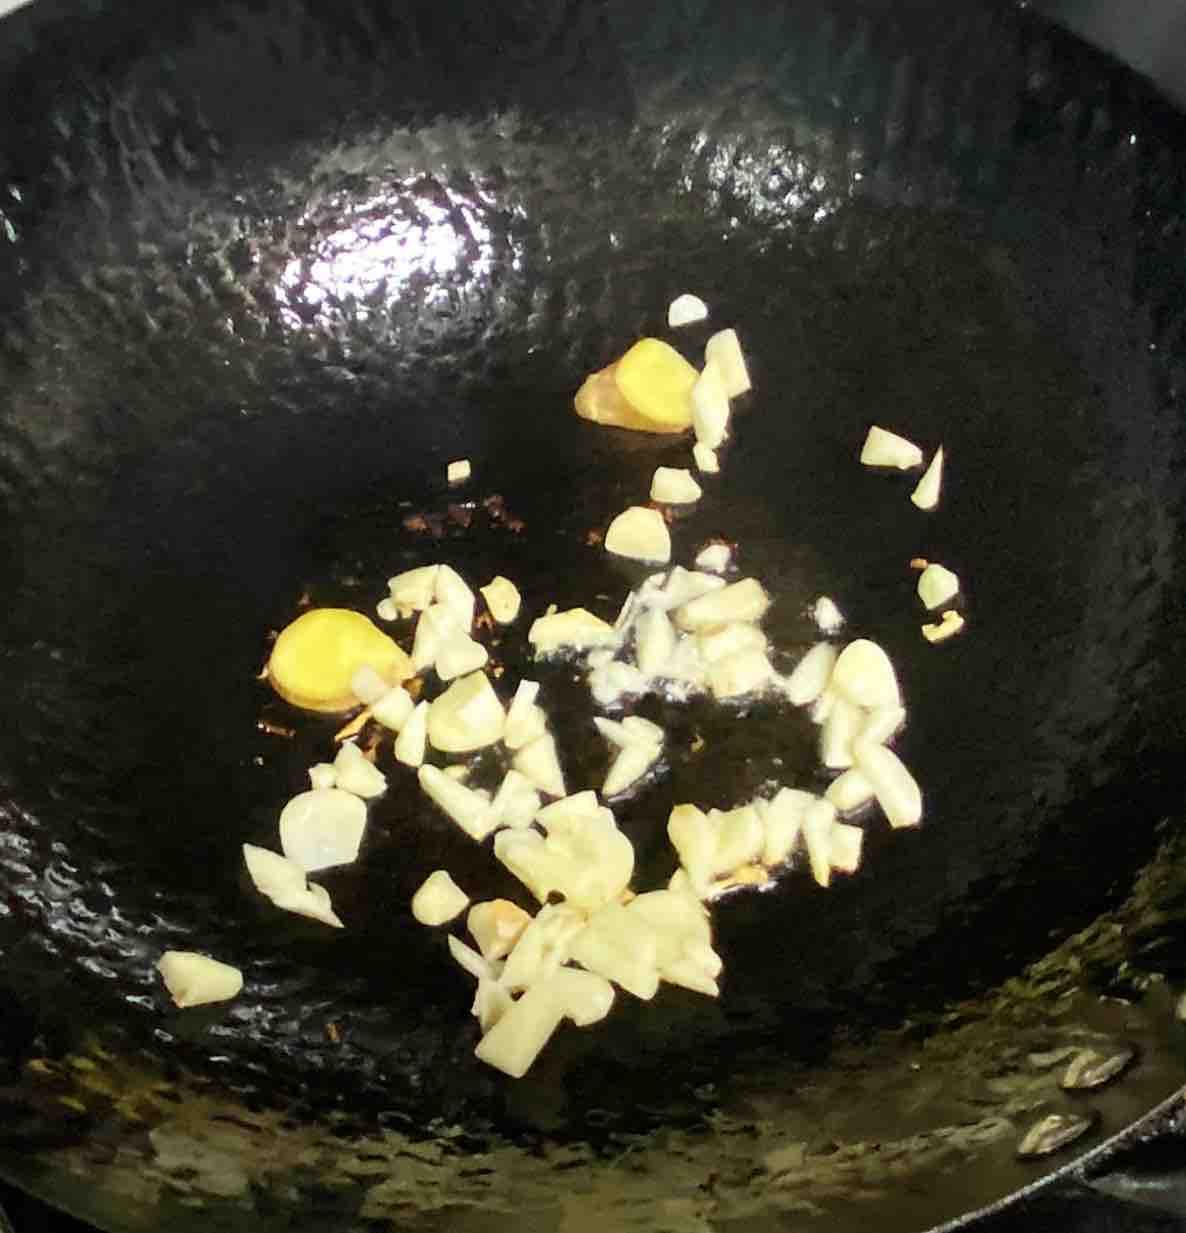 【孕妇食谱】鲍汁豆腐烧青蒜,鲜味浓郁,超级下饭~怎么做